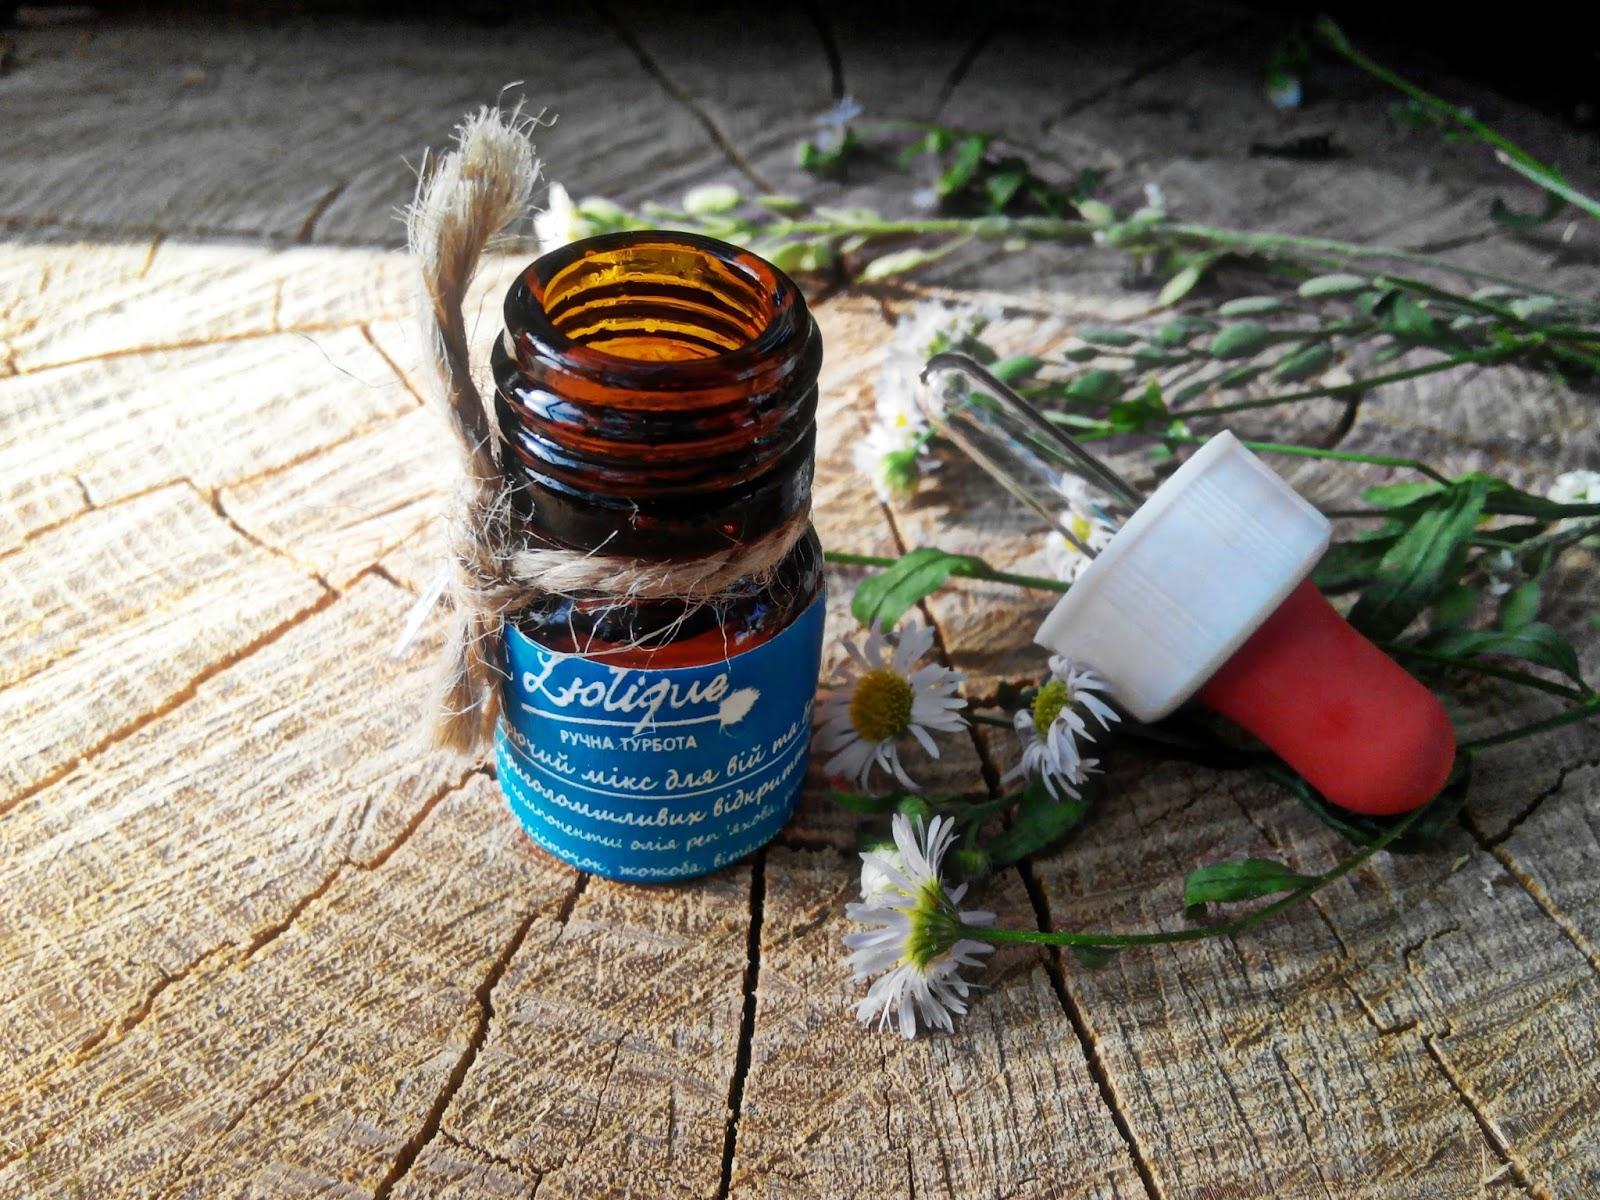 Не знаете, как правильно ухаживать за бровями? Возьмите себе в помощники натуральные масла (цена – от 45 руб.).